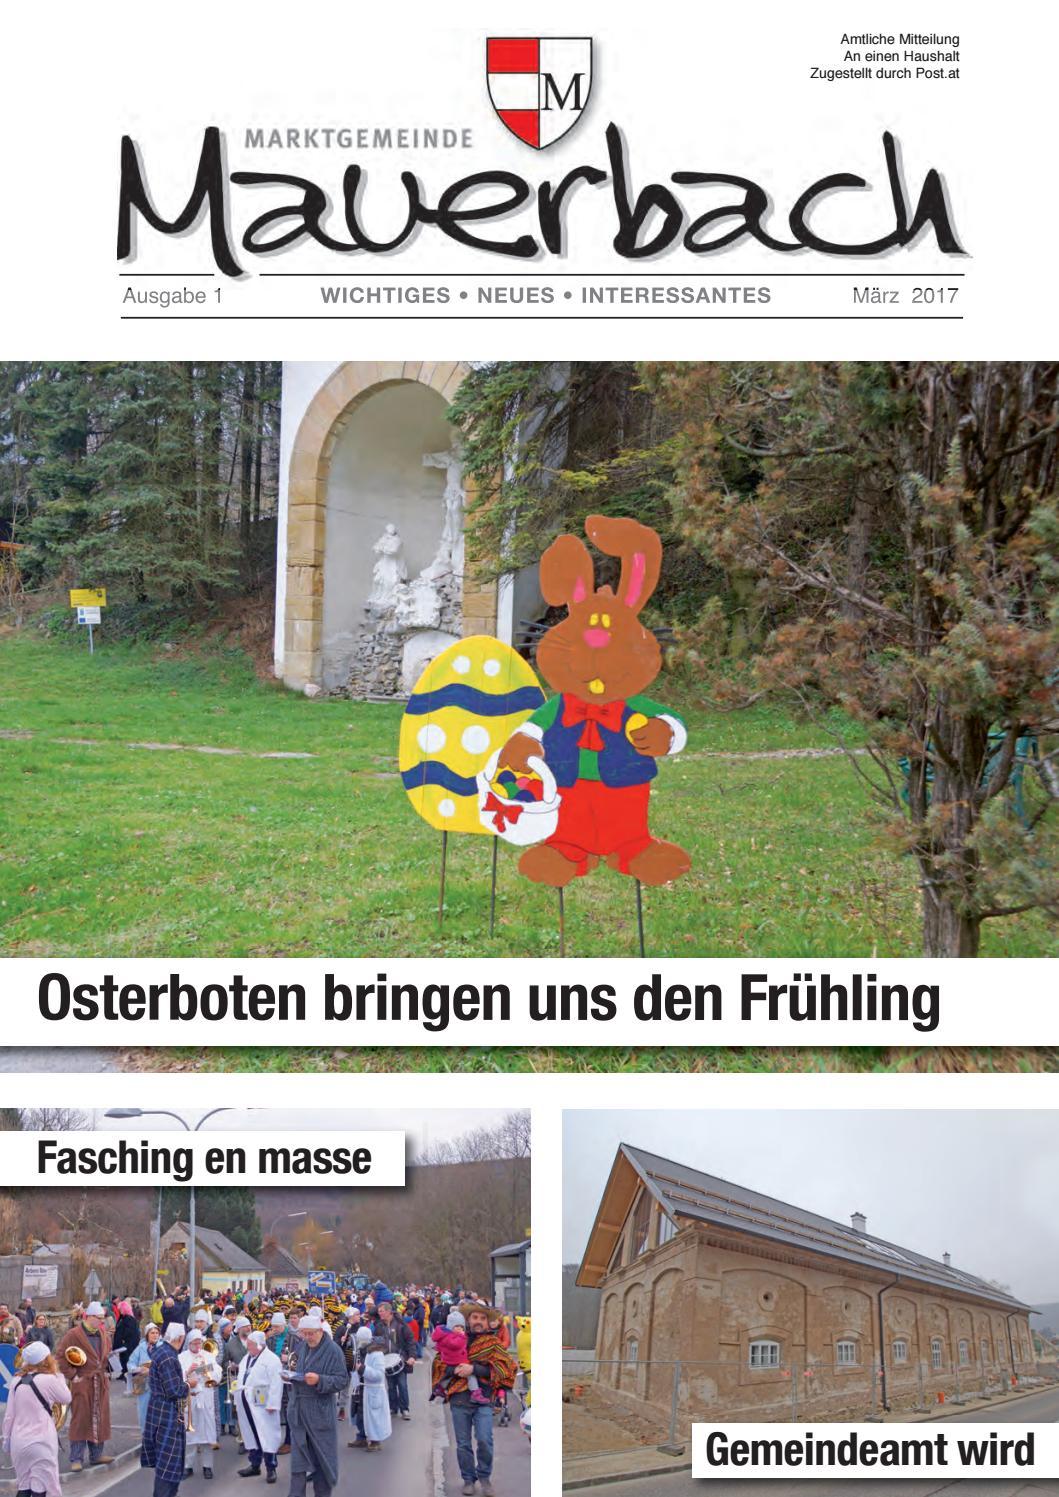 Partnerschaften & Kontakte in Mauerbach - kostenlose